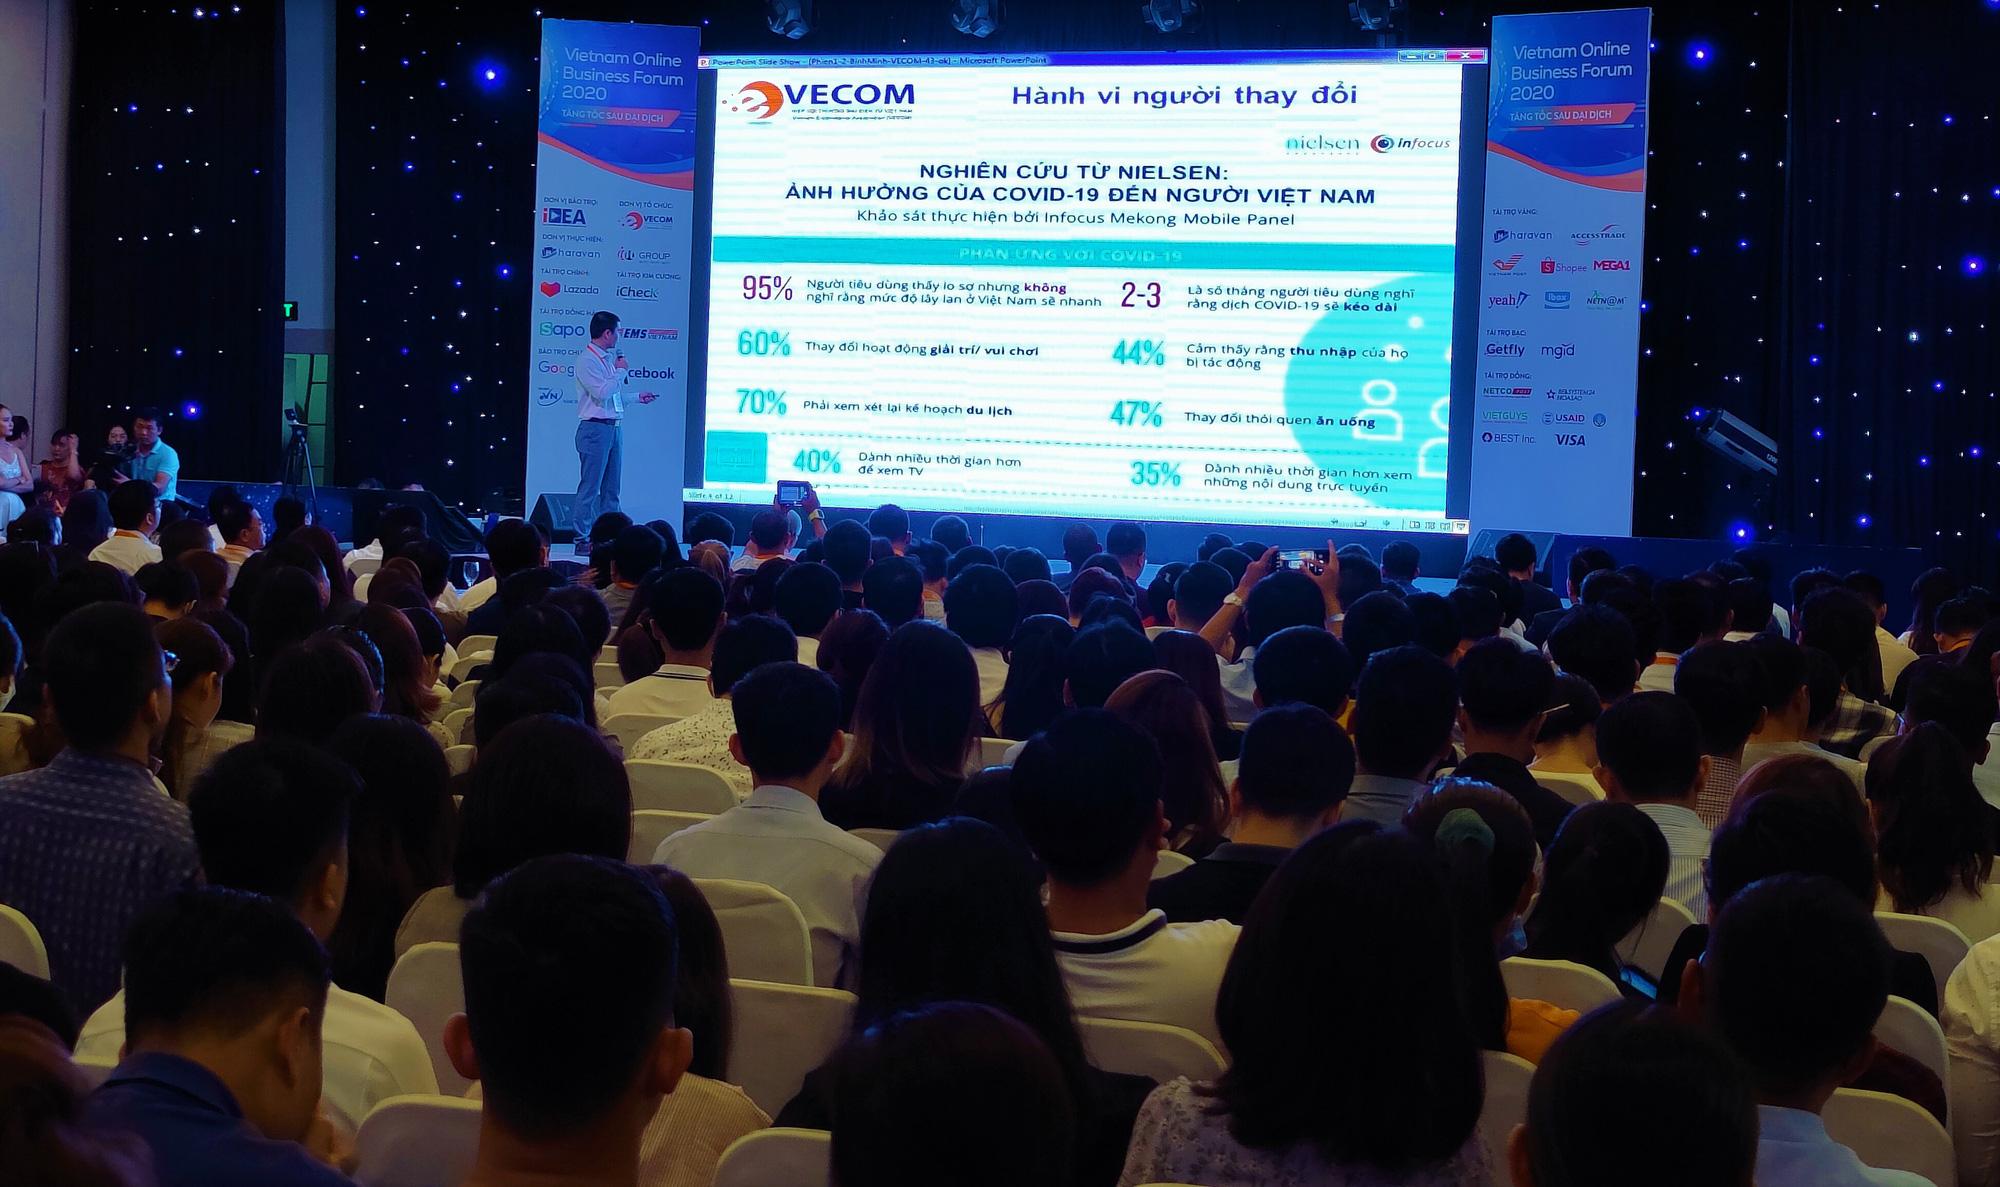 Trong 5 năm trở lại đây, nhiều cá nhân quan tâm đến hoạt động thương mại điện tử. Trong ảnh: Hội thảo Việt Nam - Thương mại điện tử tăng tốc sau Covid-19 vừa được tổ chức tại TP.HCM vào ngày 25/6/2020 thu hút hàng ngàn cá nhân tham dự. Ảnh: Trọng Hiền